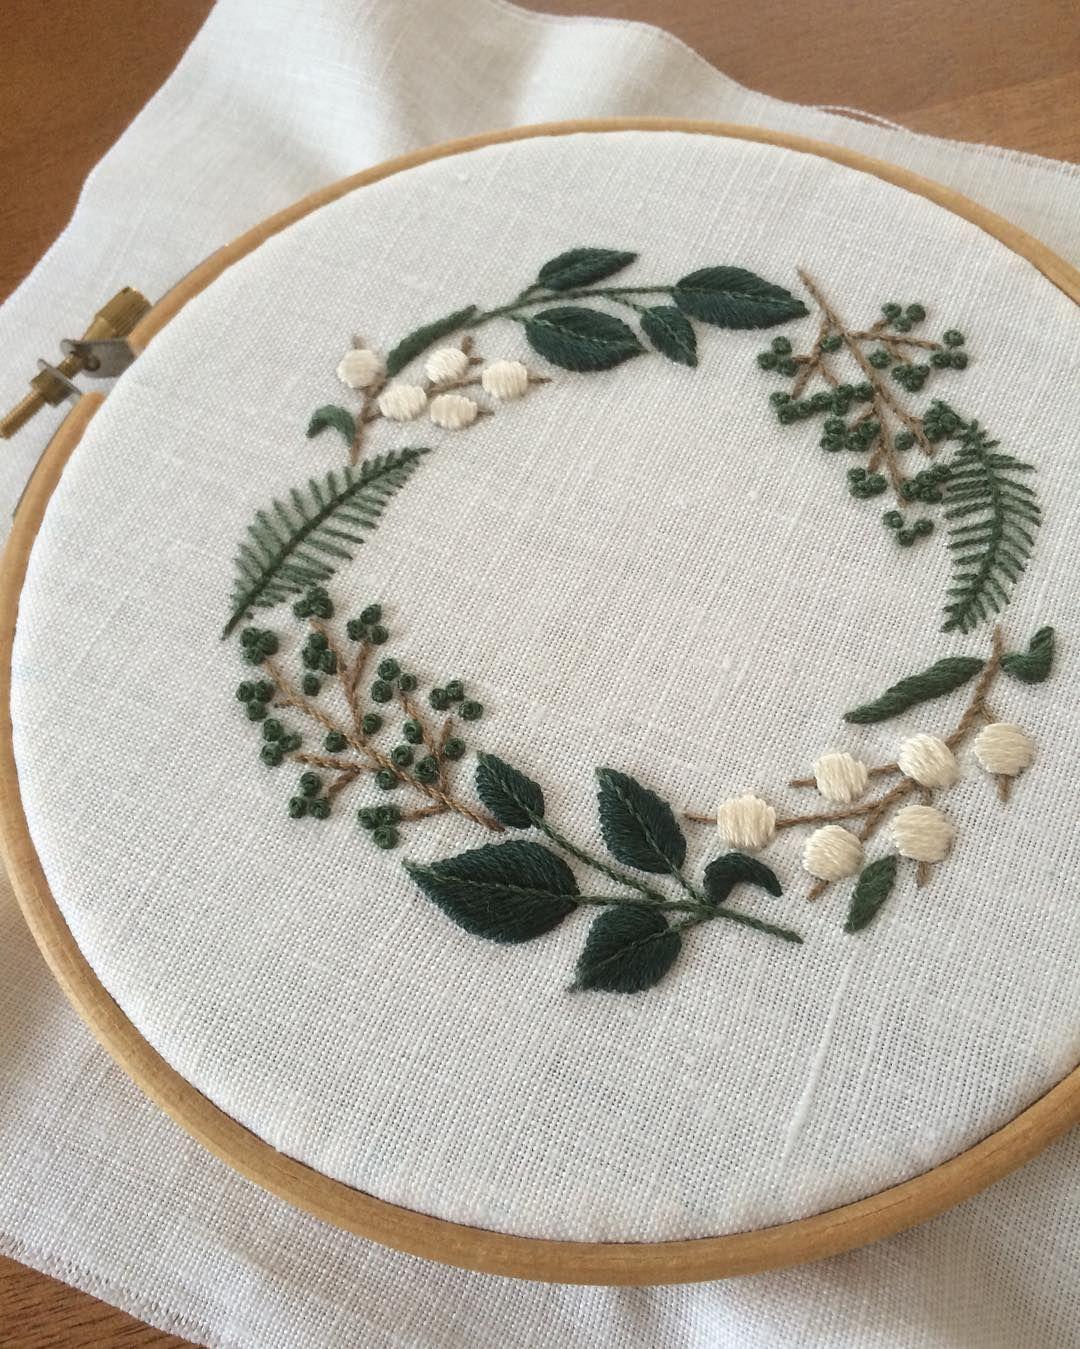 Pin by Michilla Burke on Crafty ideas (DIY) | Pinterest | Bordado ...